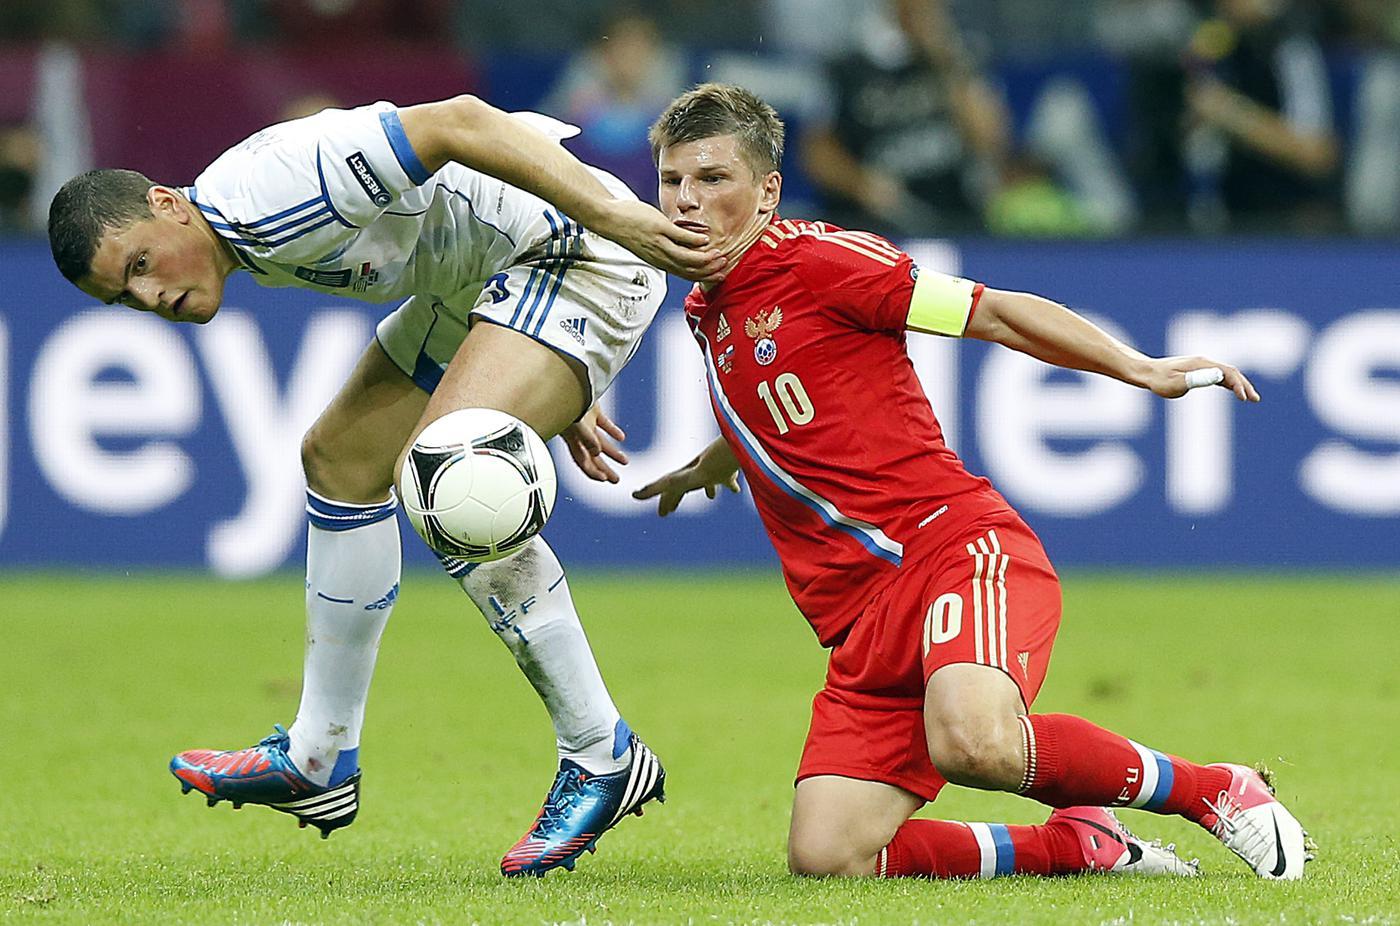 Почему Аршавин не сыграл на чемпионате мира. Самый реальный шанс был при Романцеве - фото